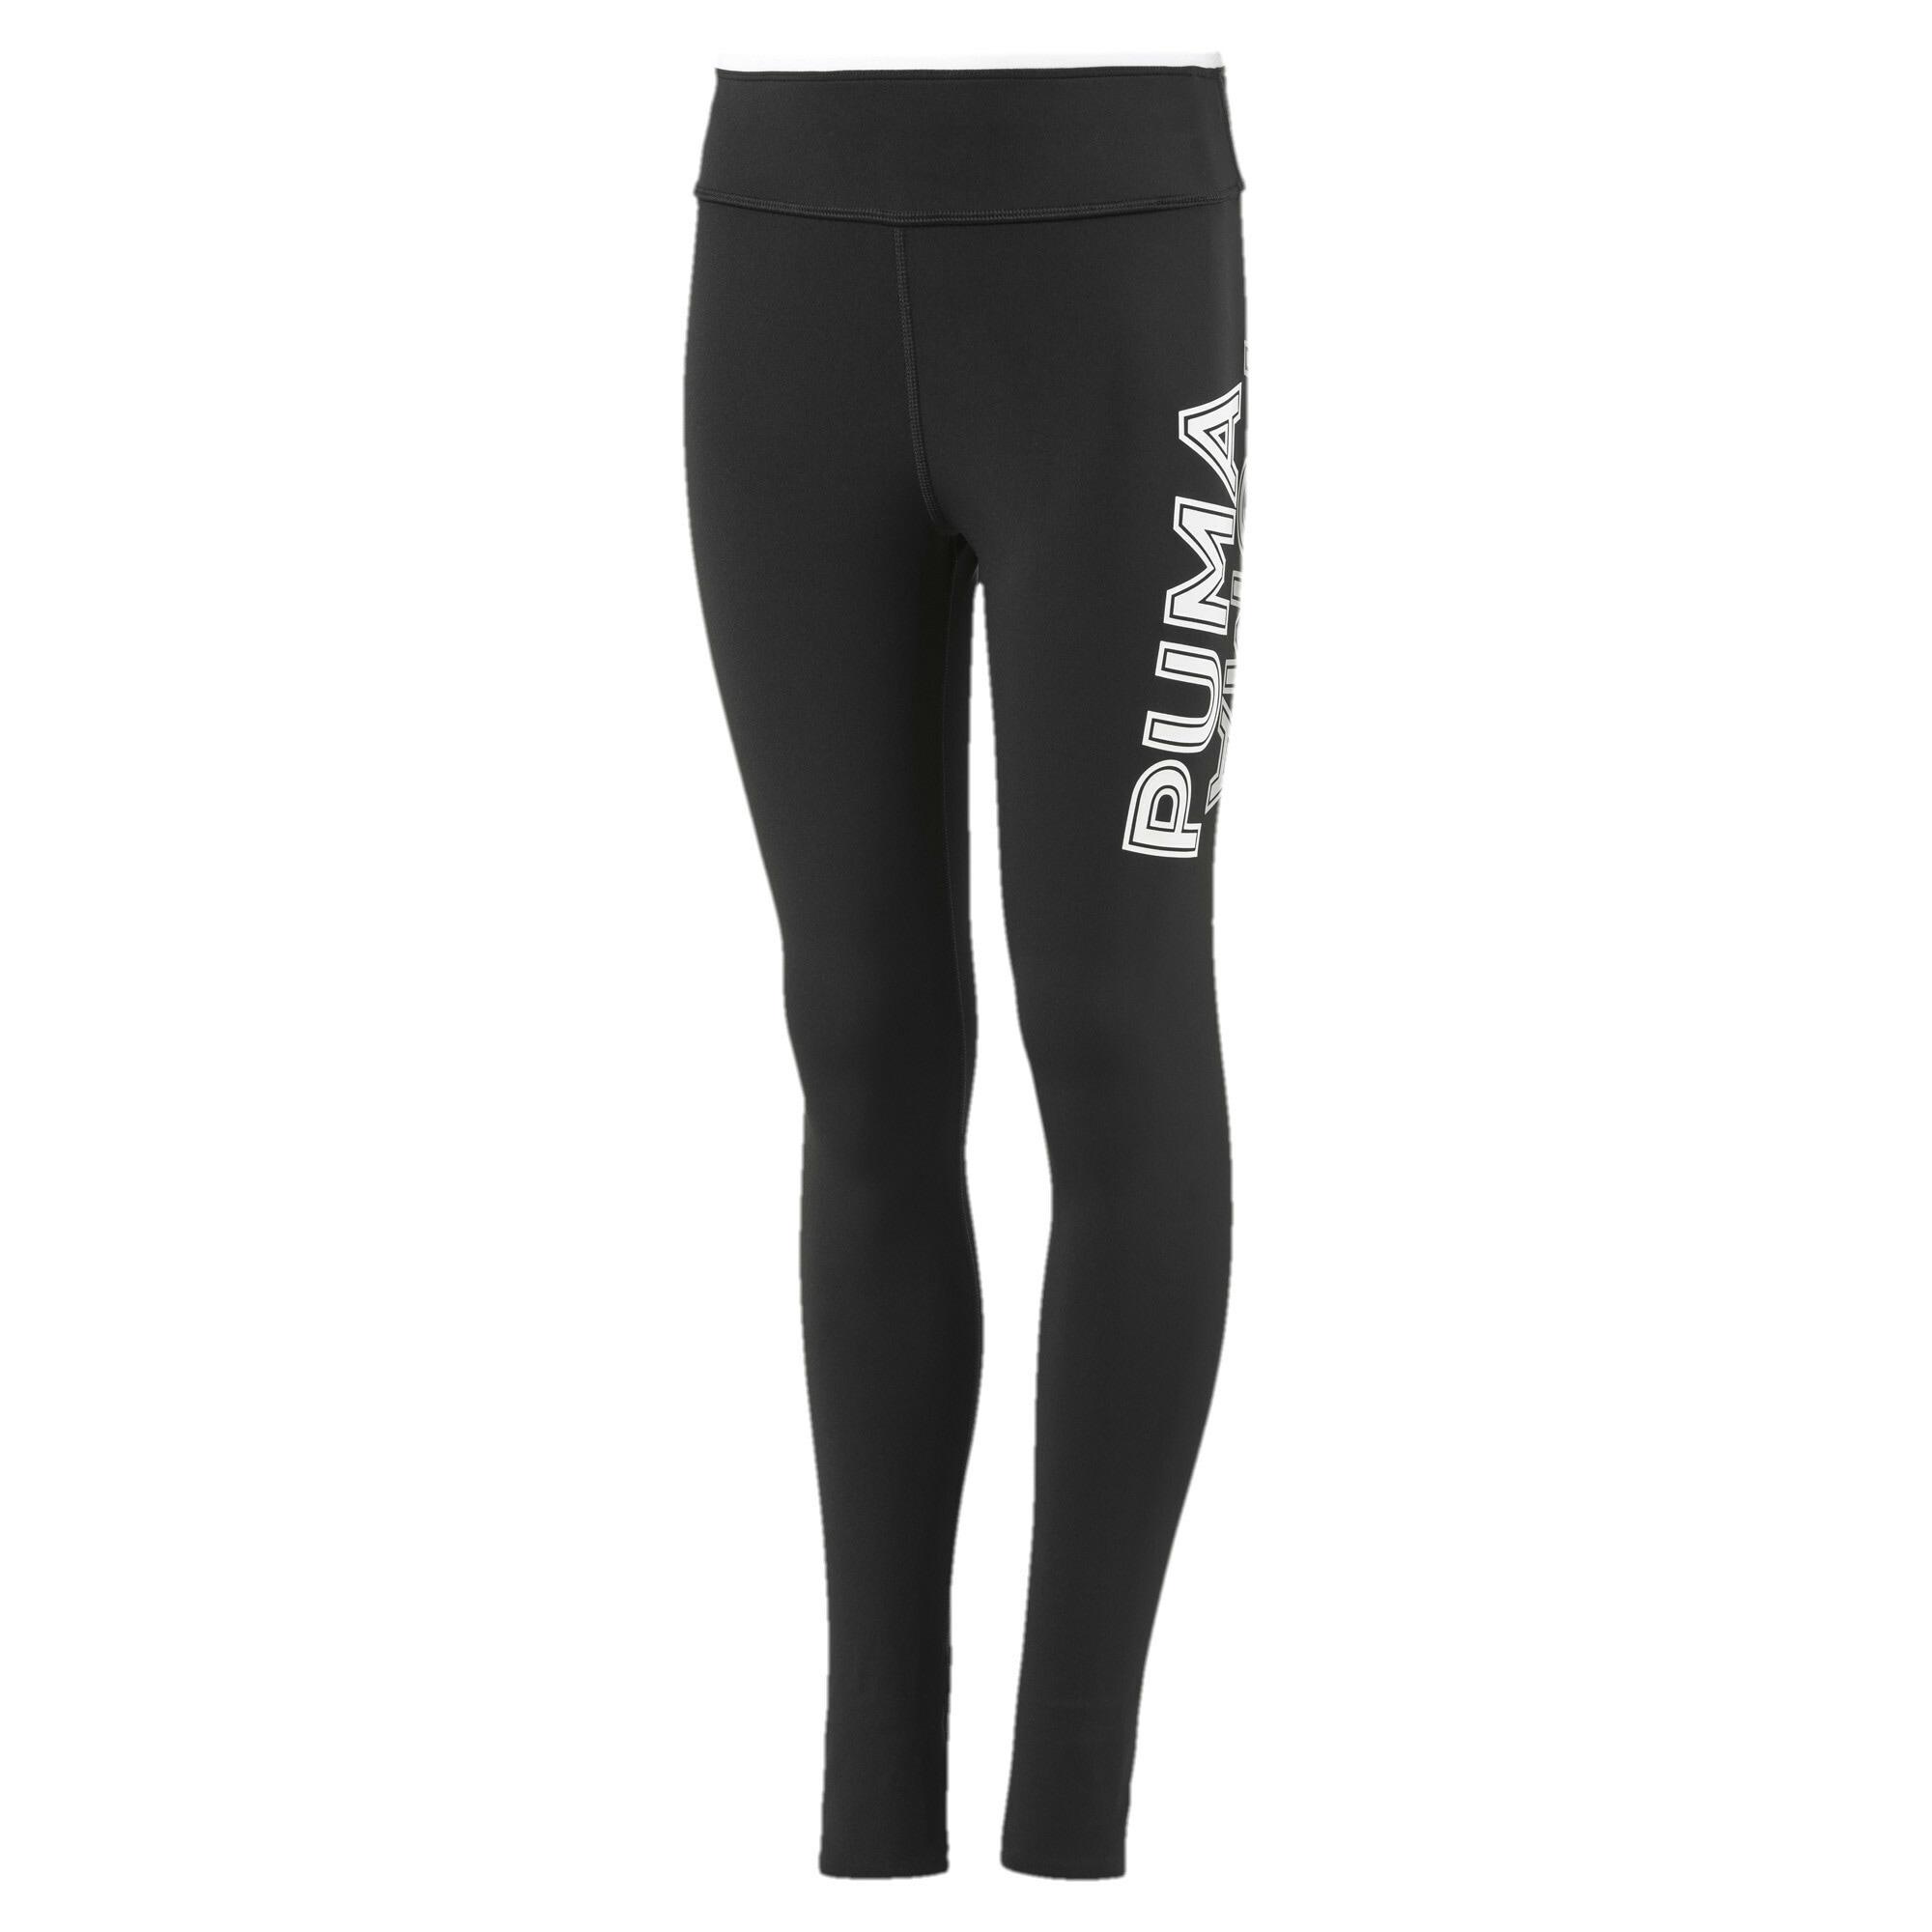 PUMA Sportinės kelnės 'Modern Sports' juoda